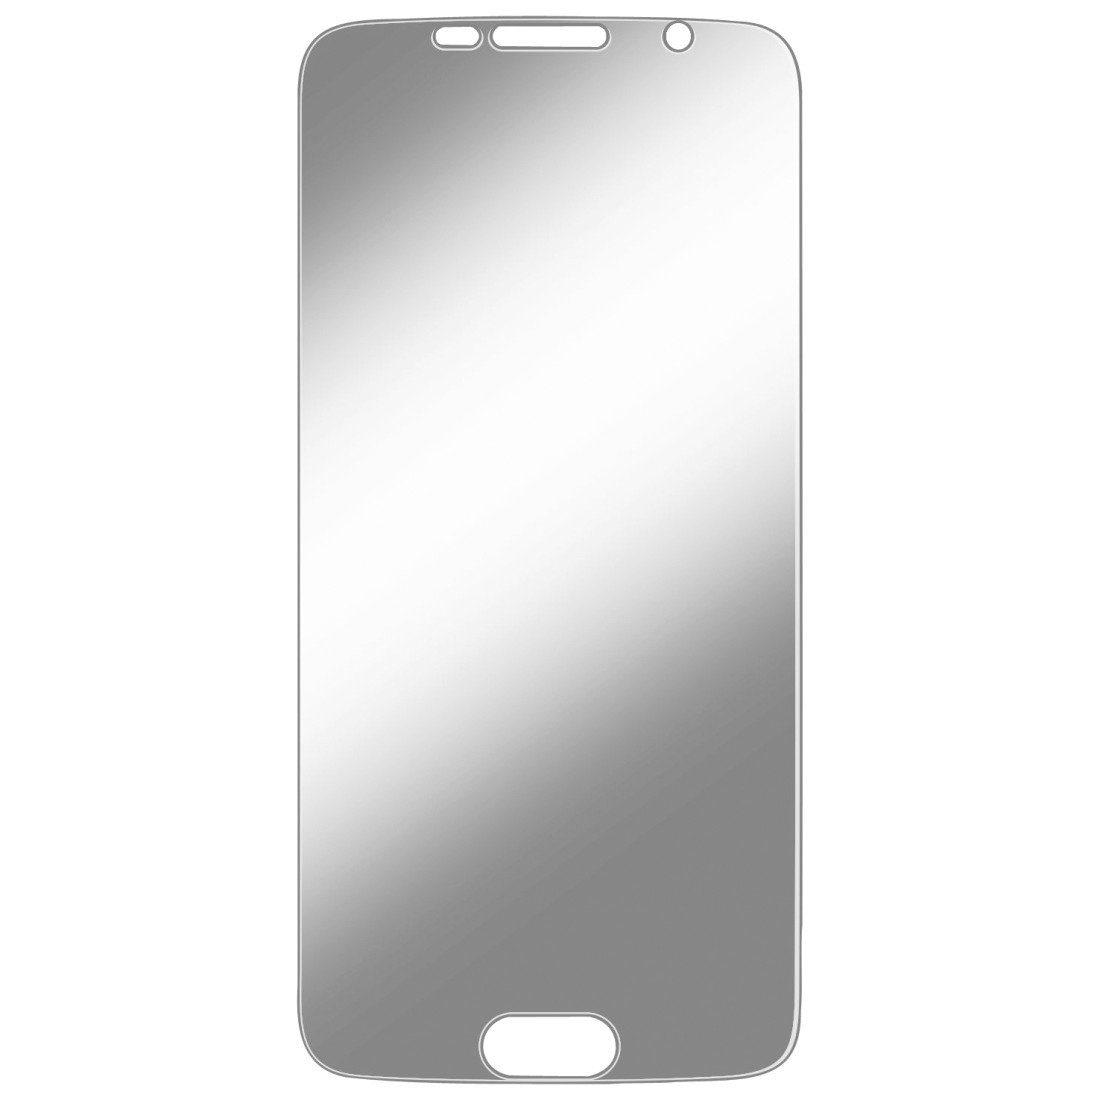 Hama Schutzfolie Displayschutzfolie für Samsung Galaxy S6 »stoßfeste Anti-Schock-Folie«